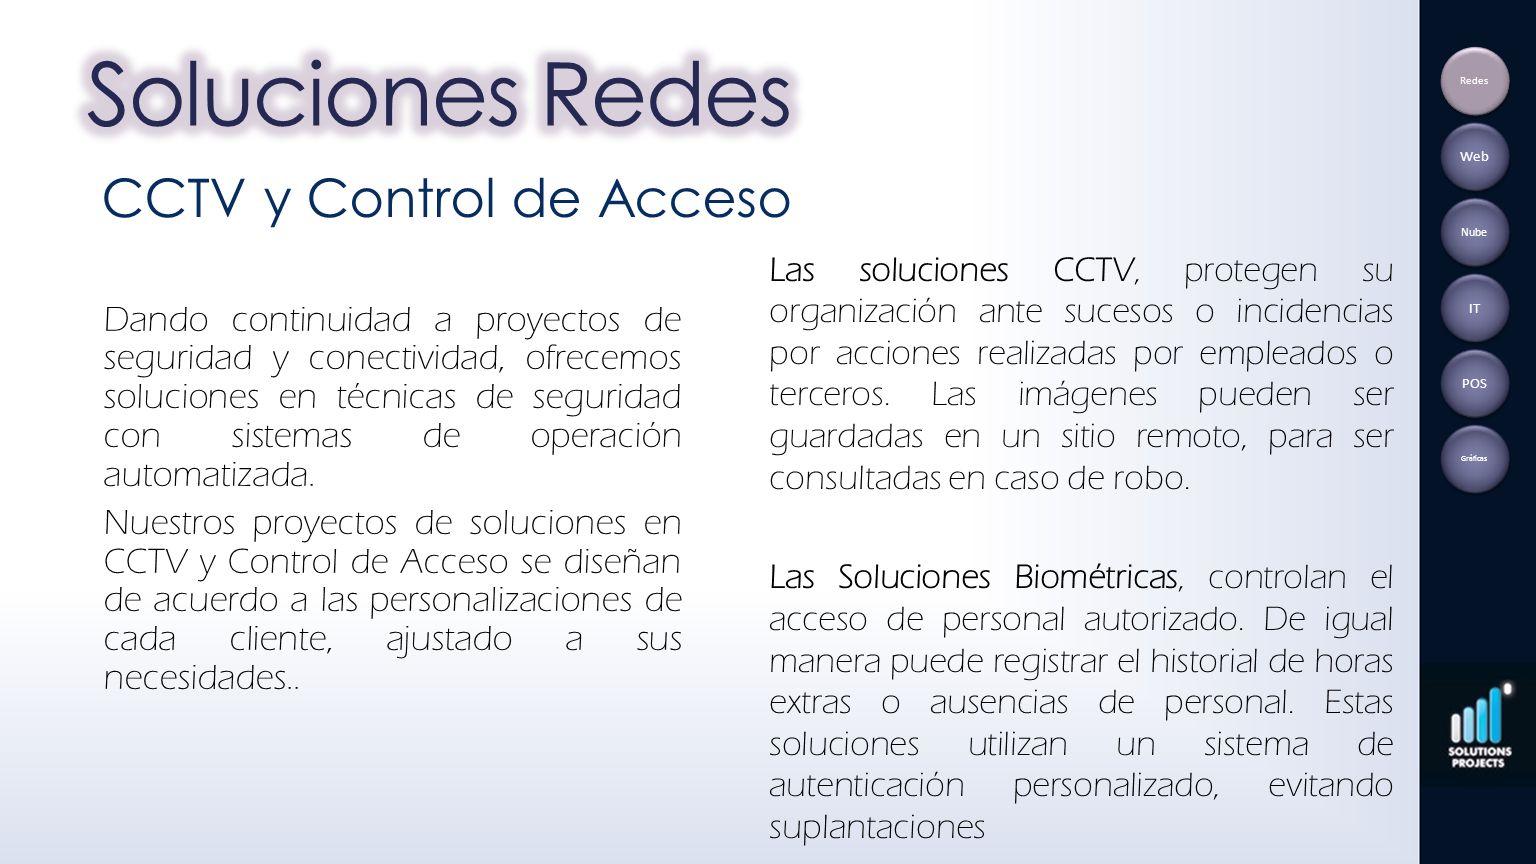 Soluciones Redes CCTV y Control de Acceso